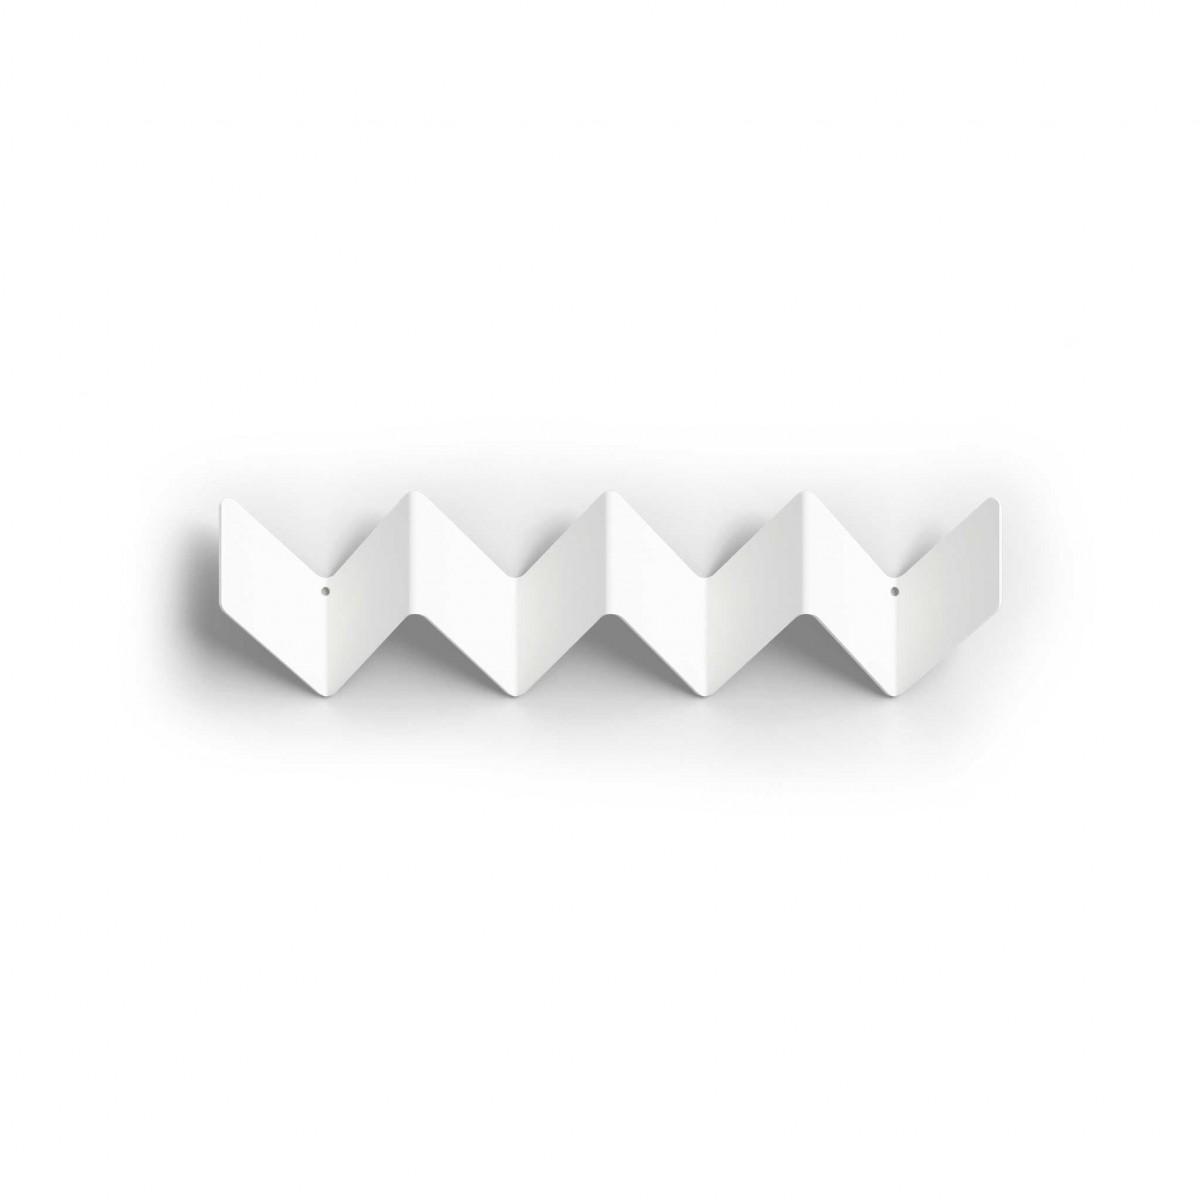 ZIGZAG | kleine WAND-GARDEROBE | Roman Luyken | Peppermint Products